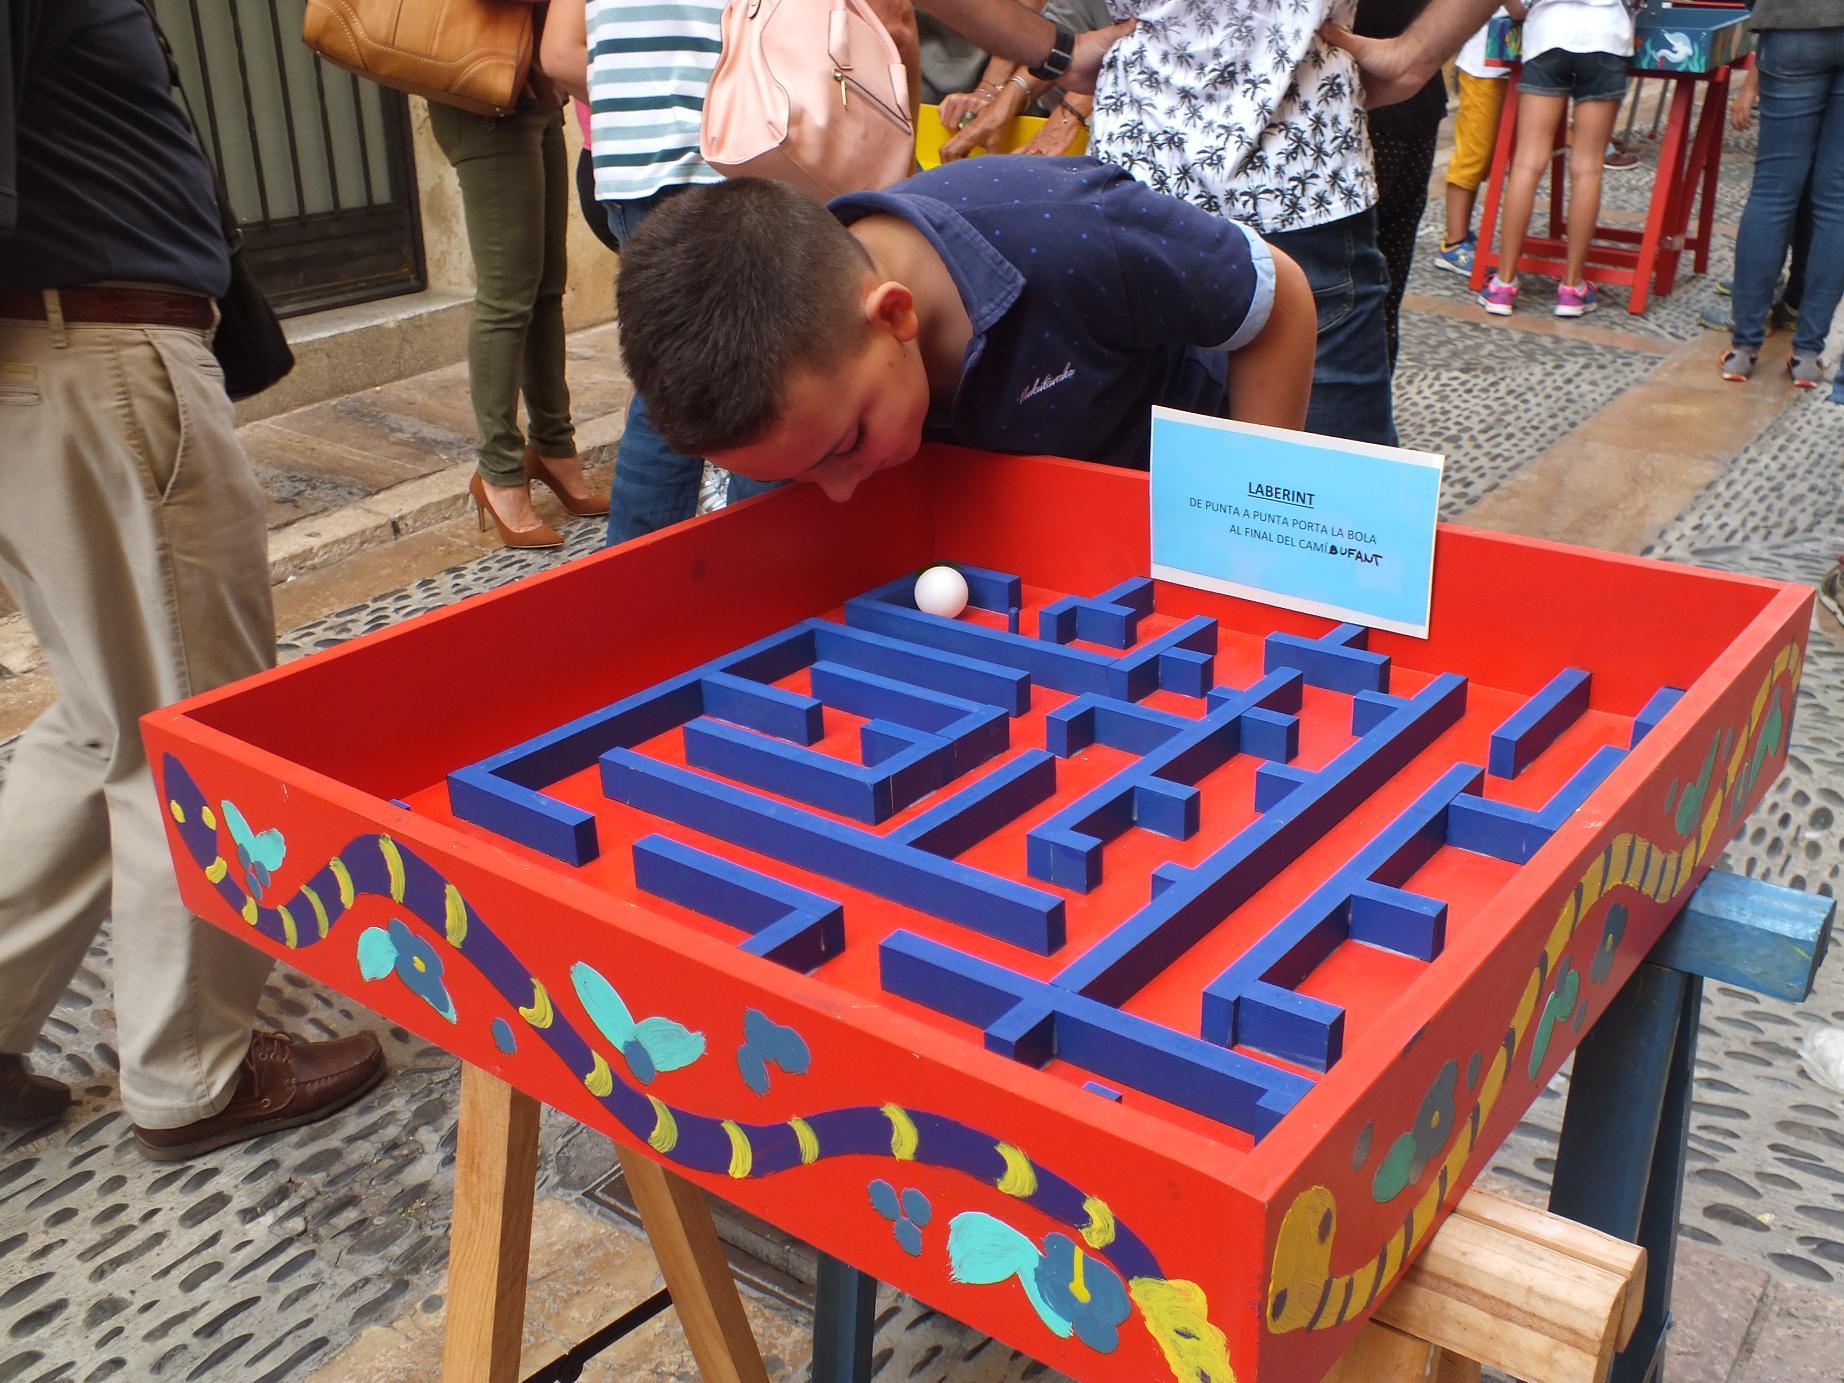 Tarragona_children street games_labirint